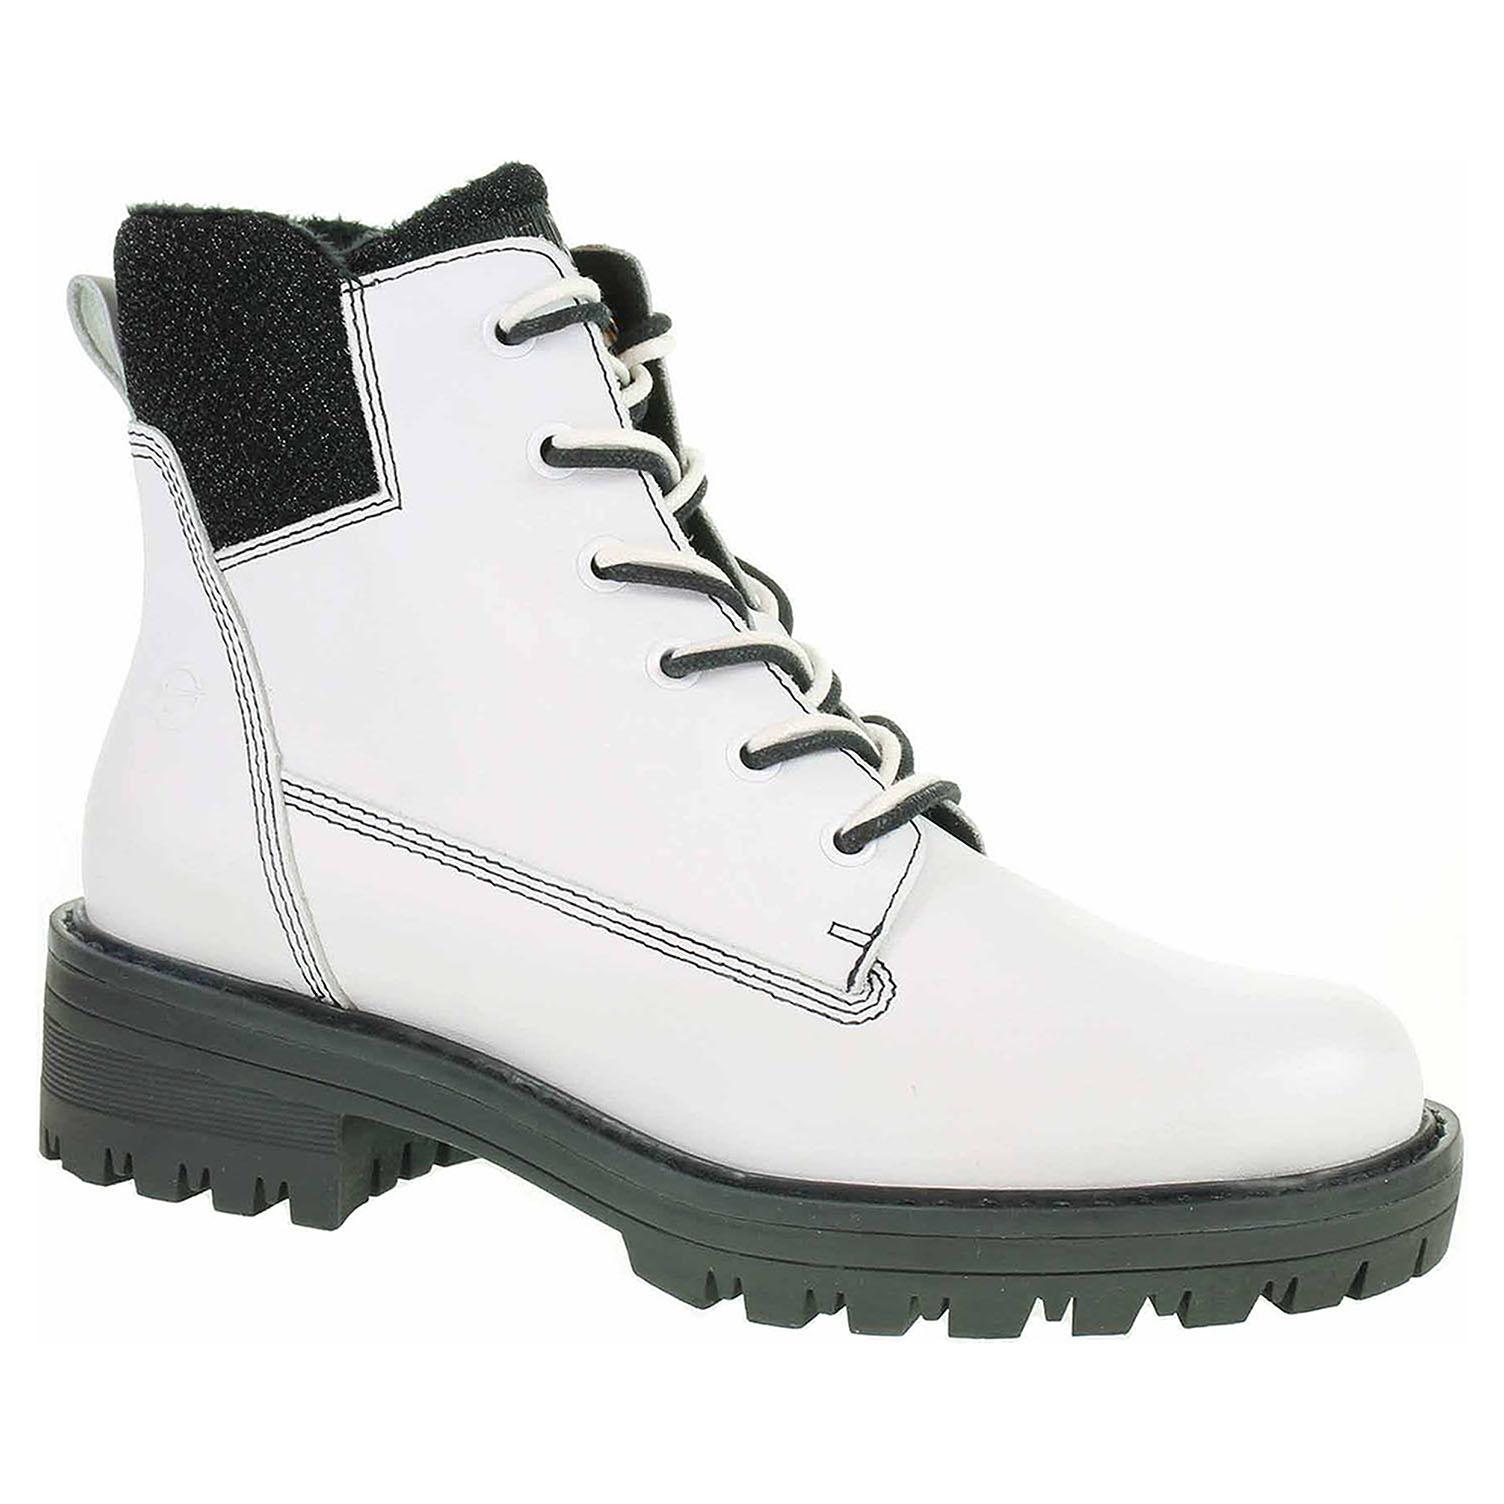 a8c376731b1b2 Ecco Dámská kotníková obuv Tamaris 1-25214-21 white-black 22400775